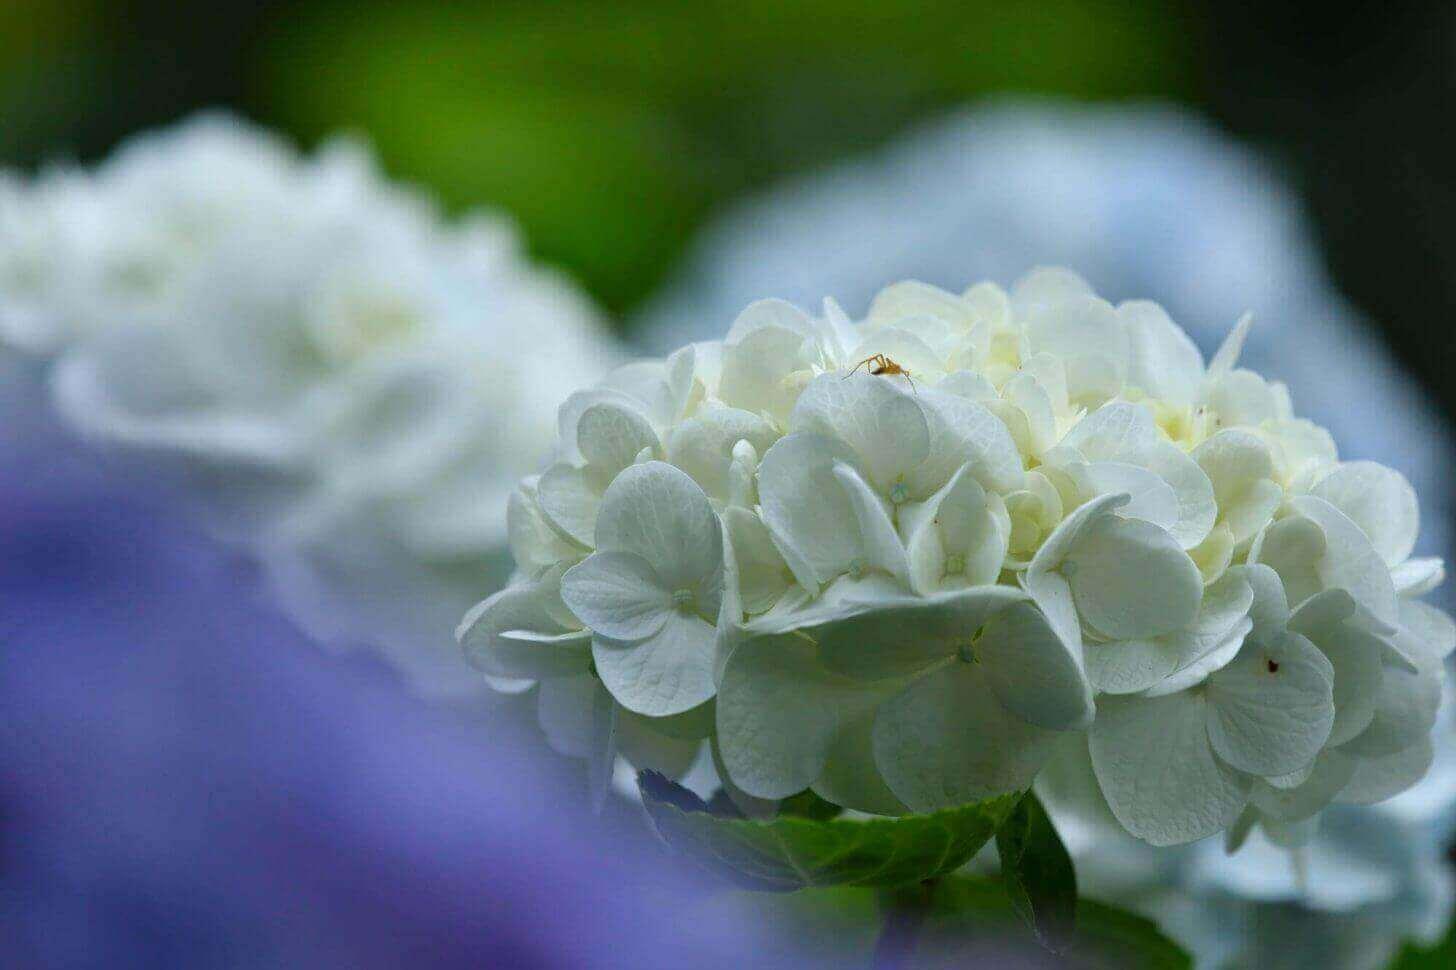 三千院の白い紫陽花の上に小さな虫が